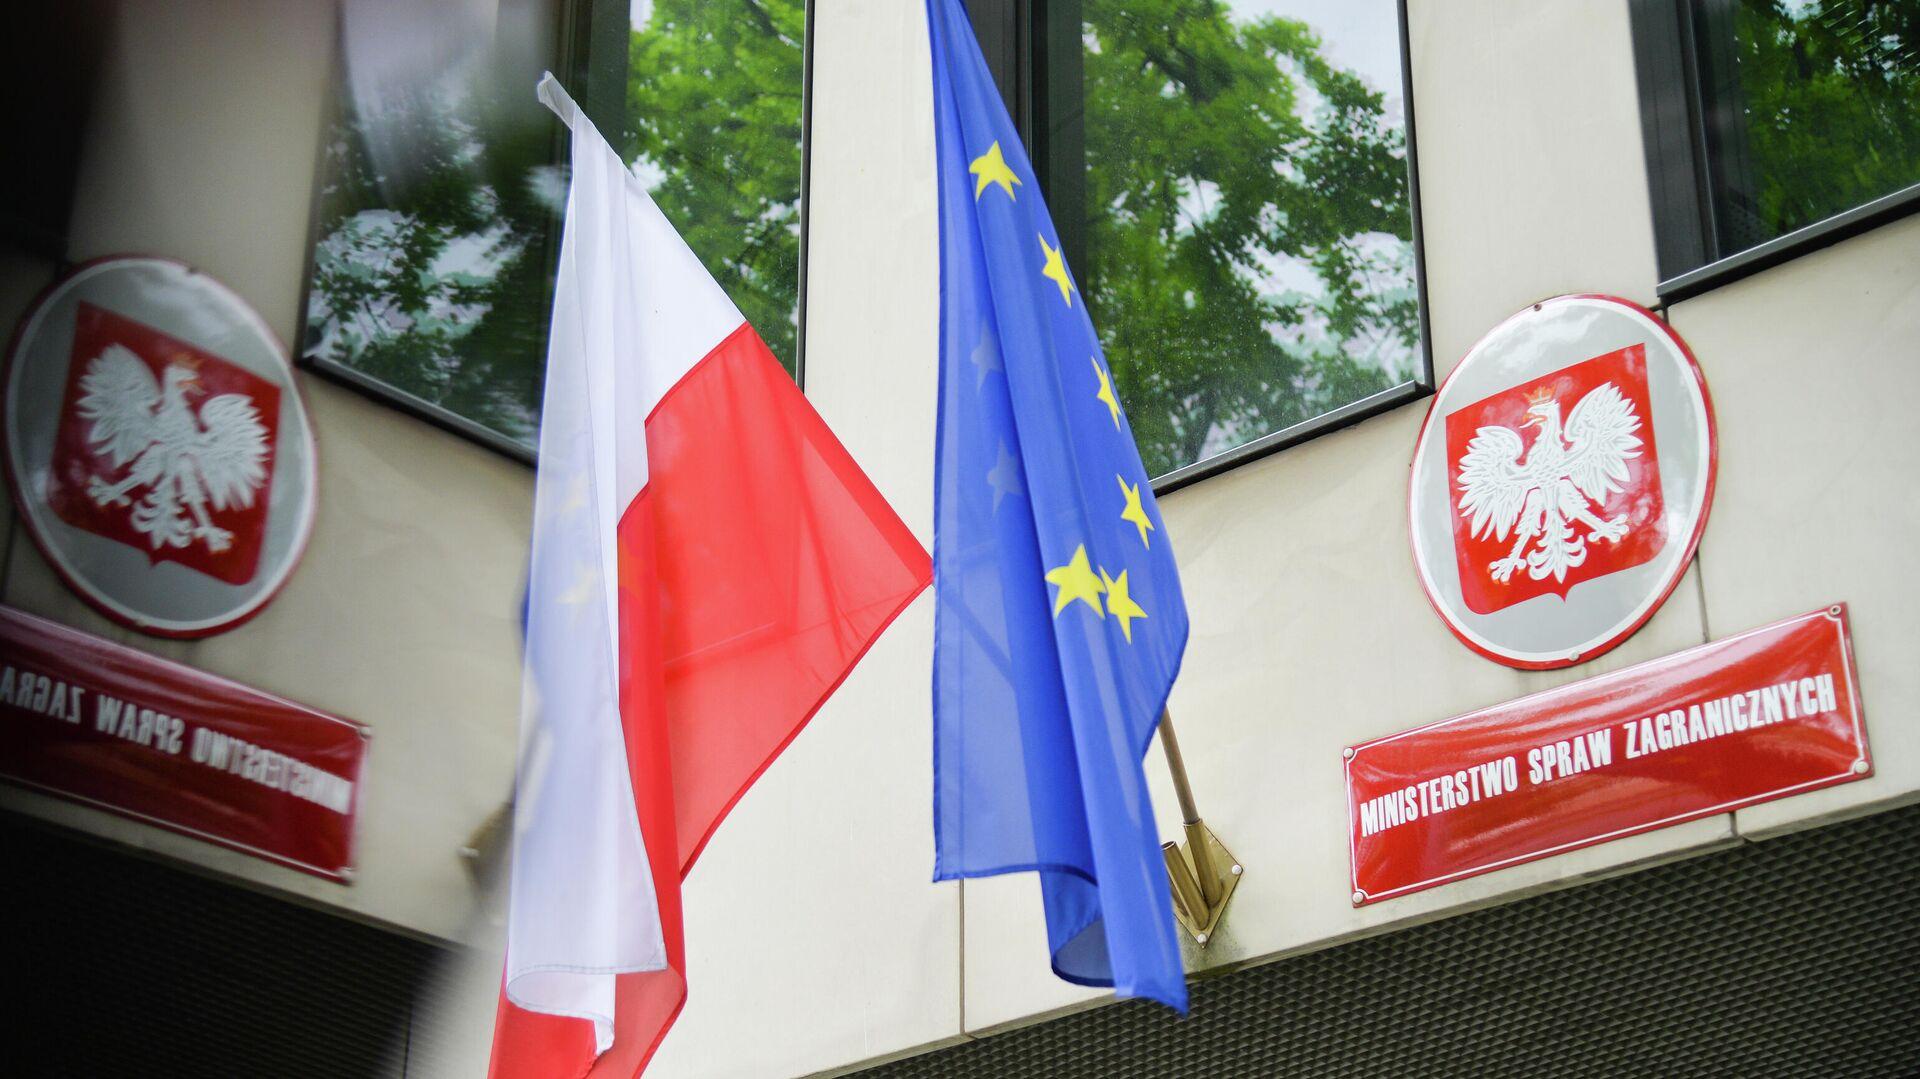 Государственный флаг Польши и флаг Евросоюза на здании Министерства иностранных дел Польши в Варшаве - Sputnik Узбекистан, 1920, 15.06.2021